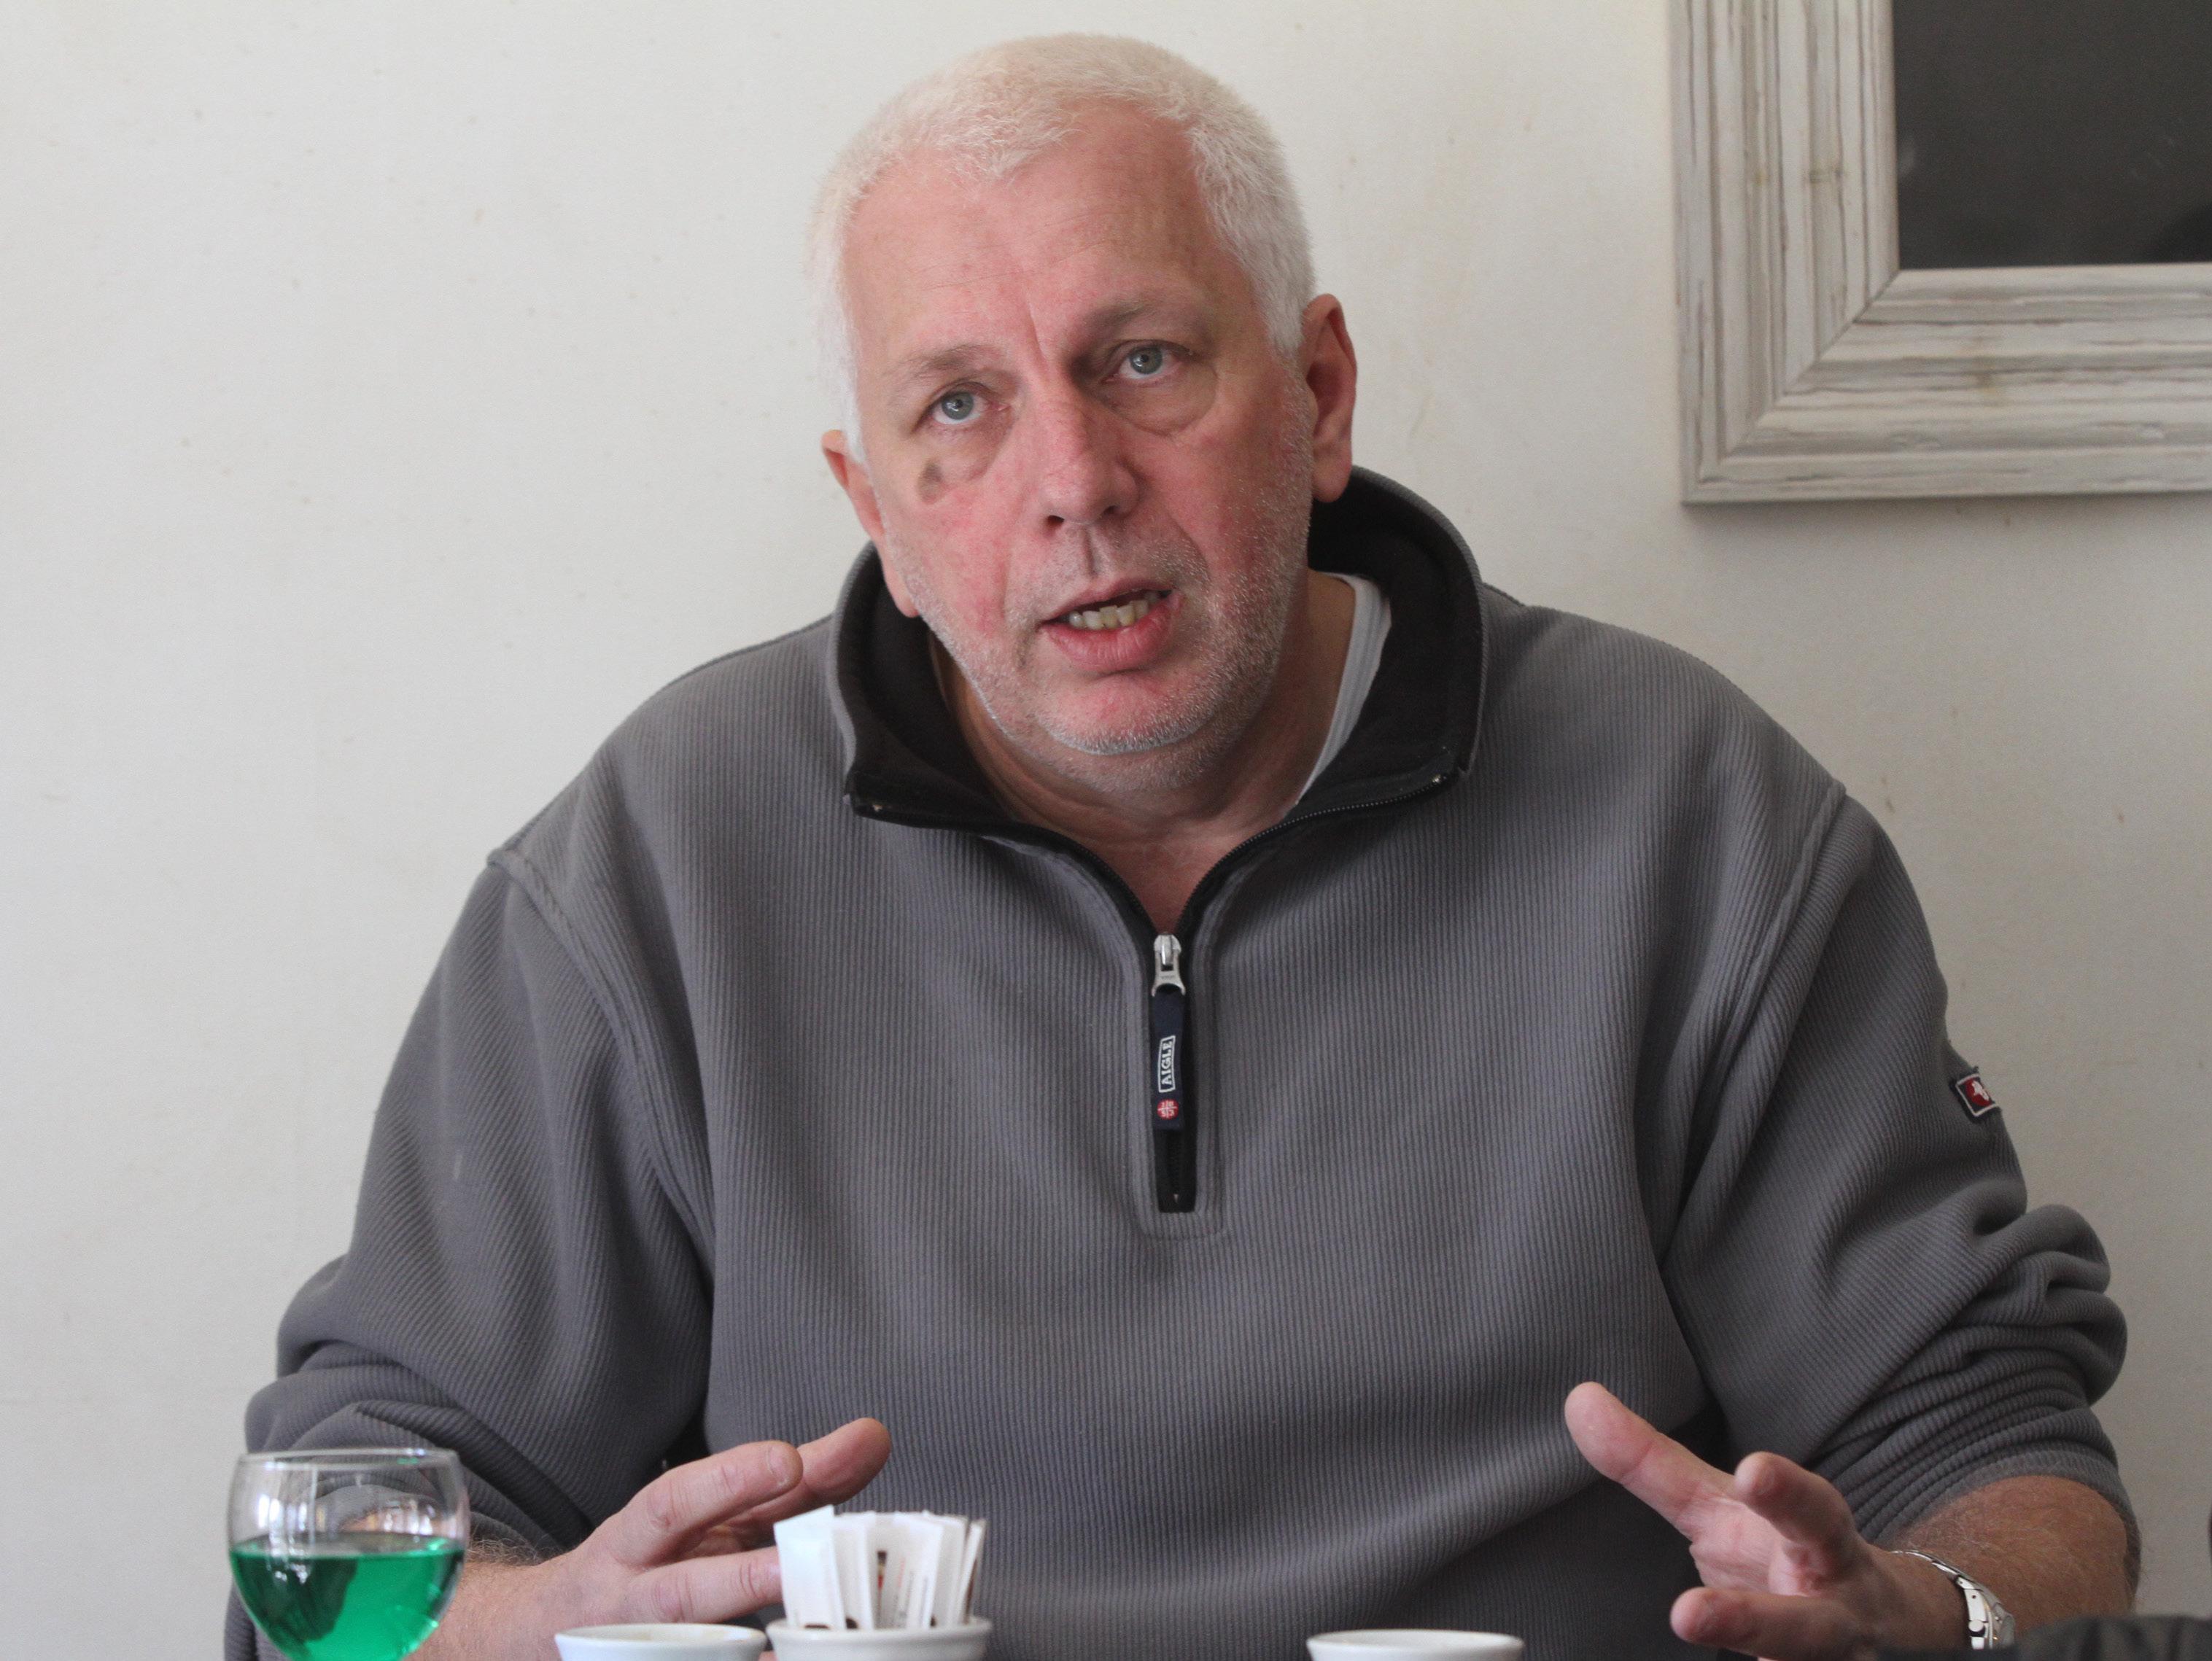 Xavier Luciani reçoit le soutien d'Inseme per a Ghisunaccia. (Photo Stéphane Gamant).